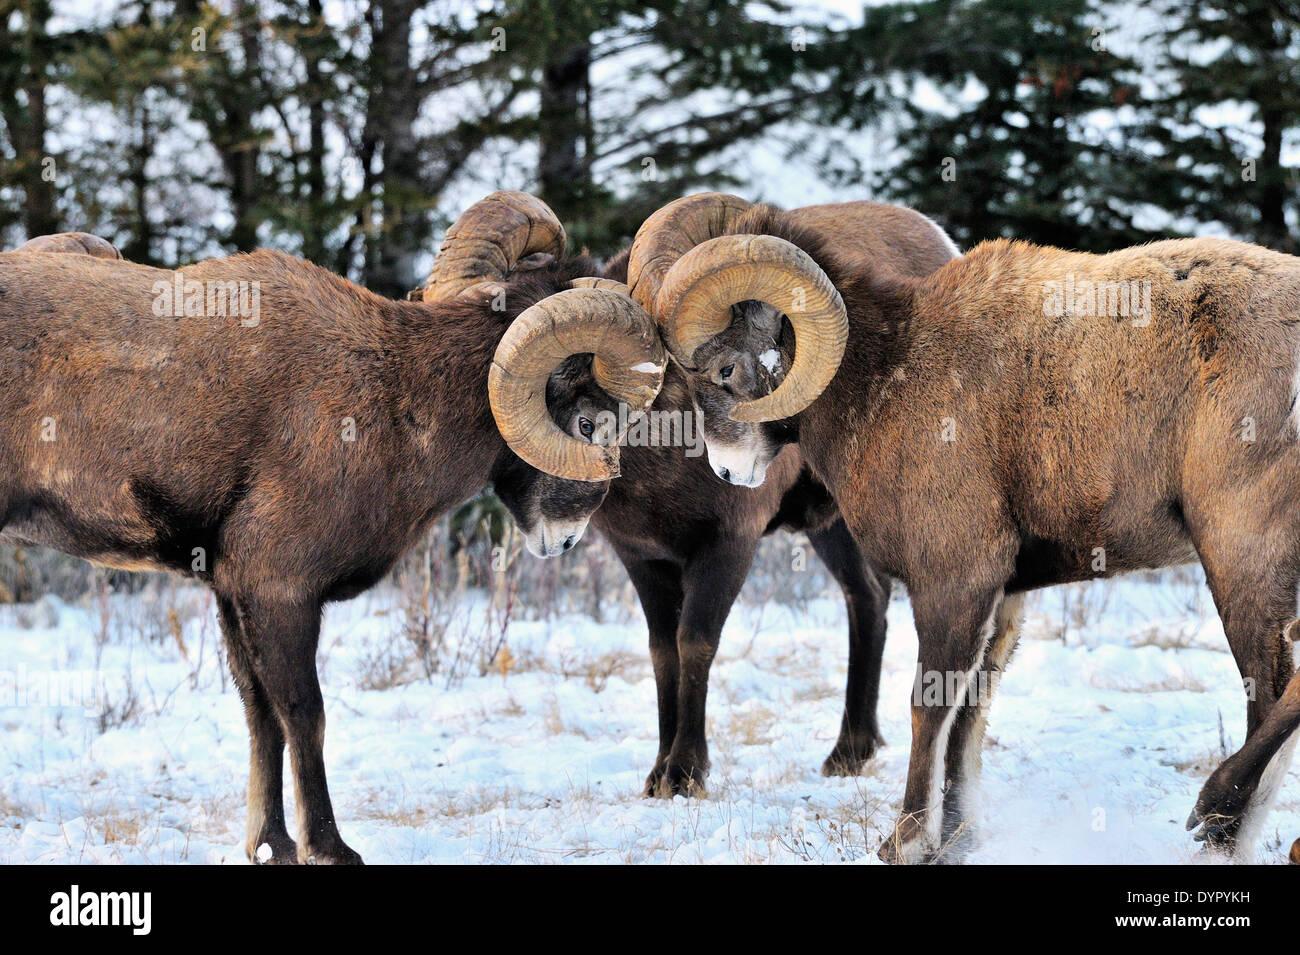 Un grupo de borregos cimarrones desafiador en una cabeza topando contest Foto de stock